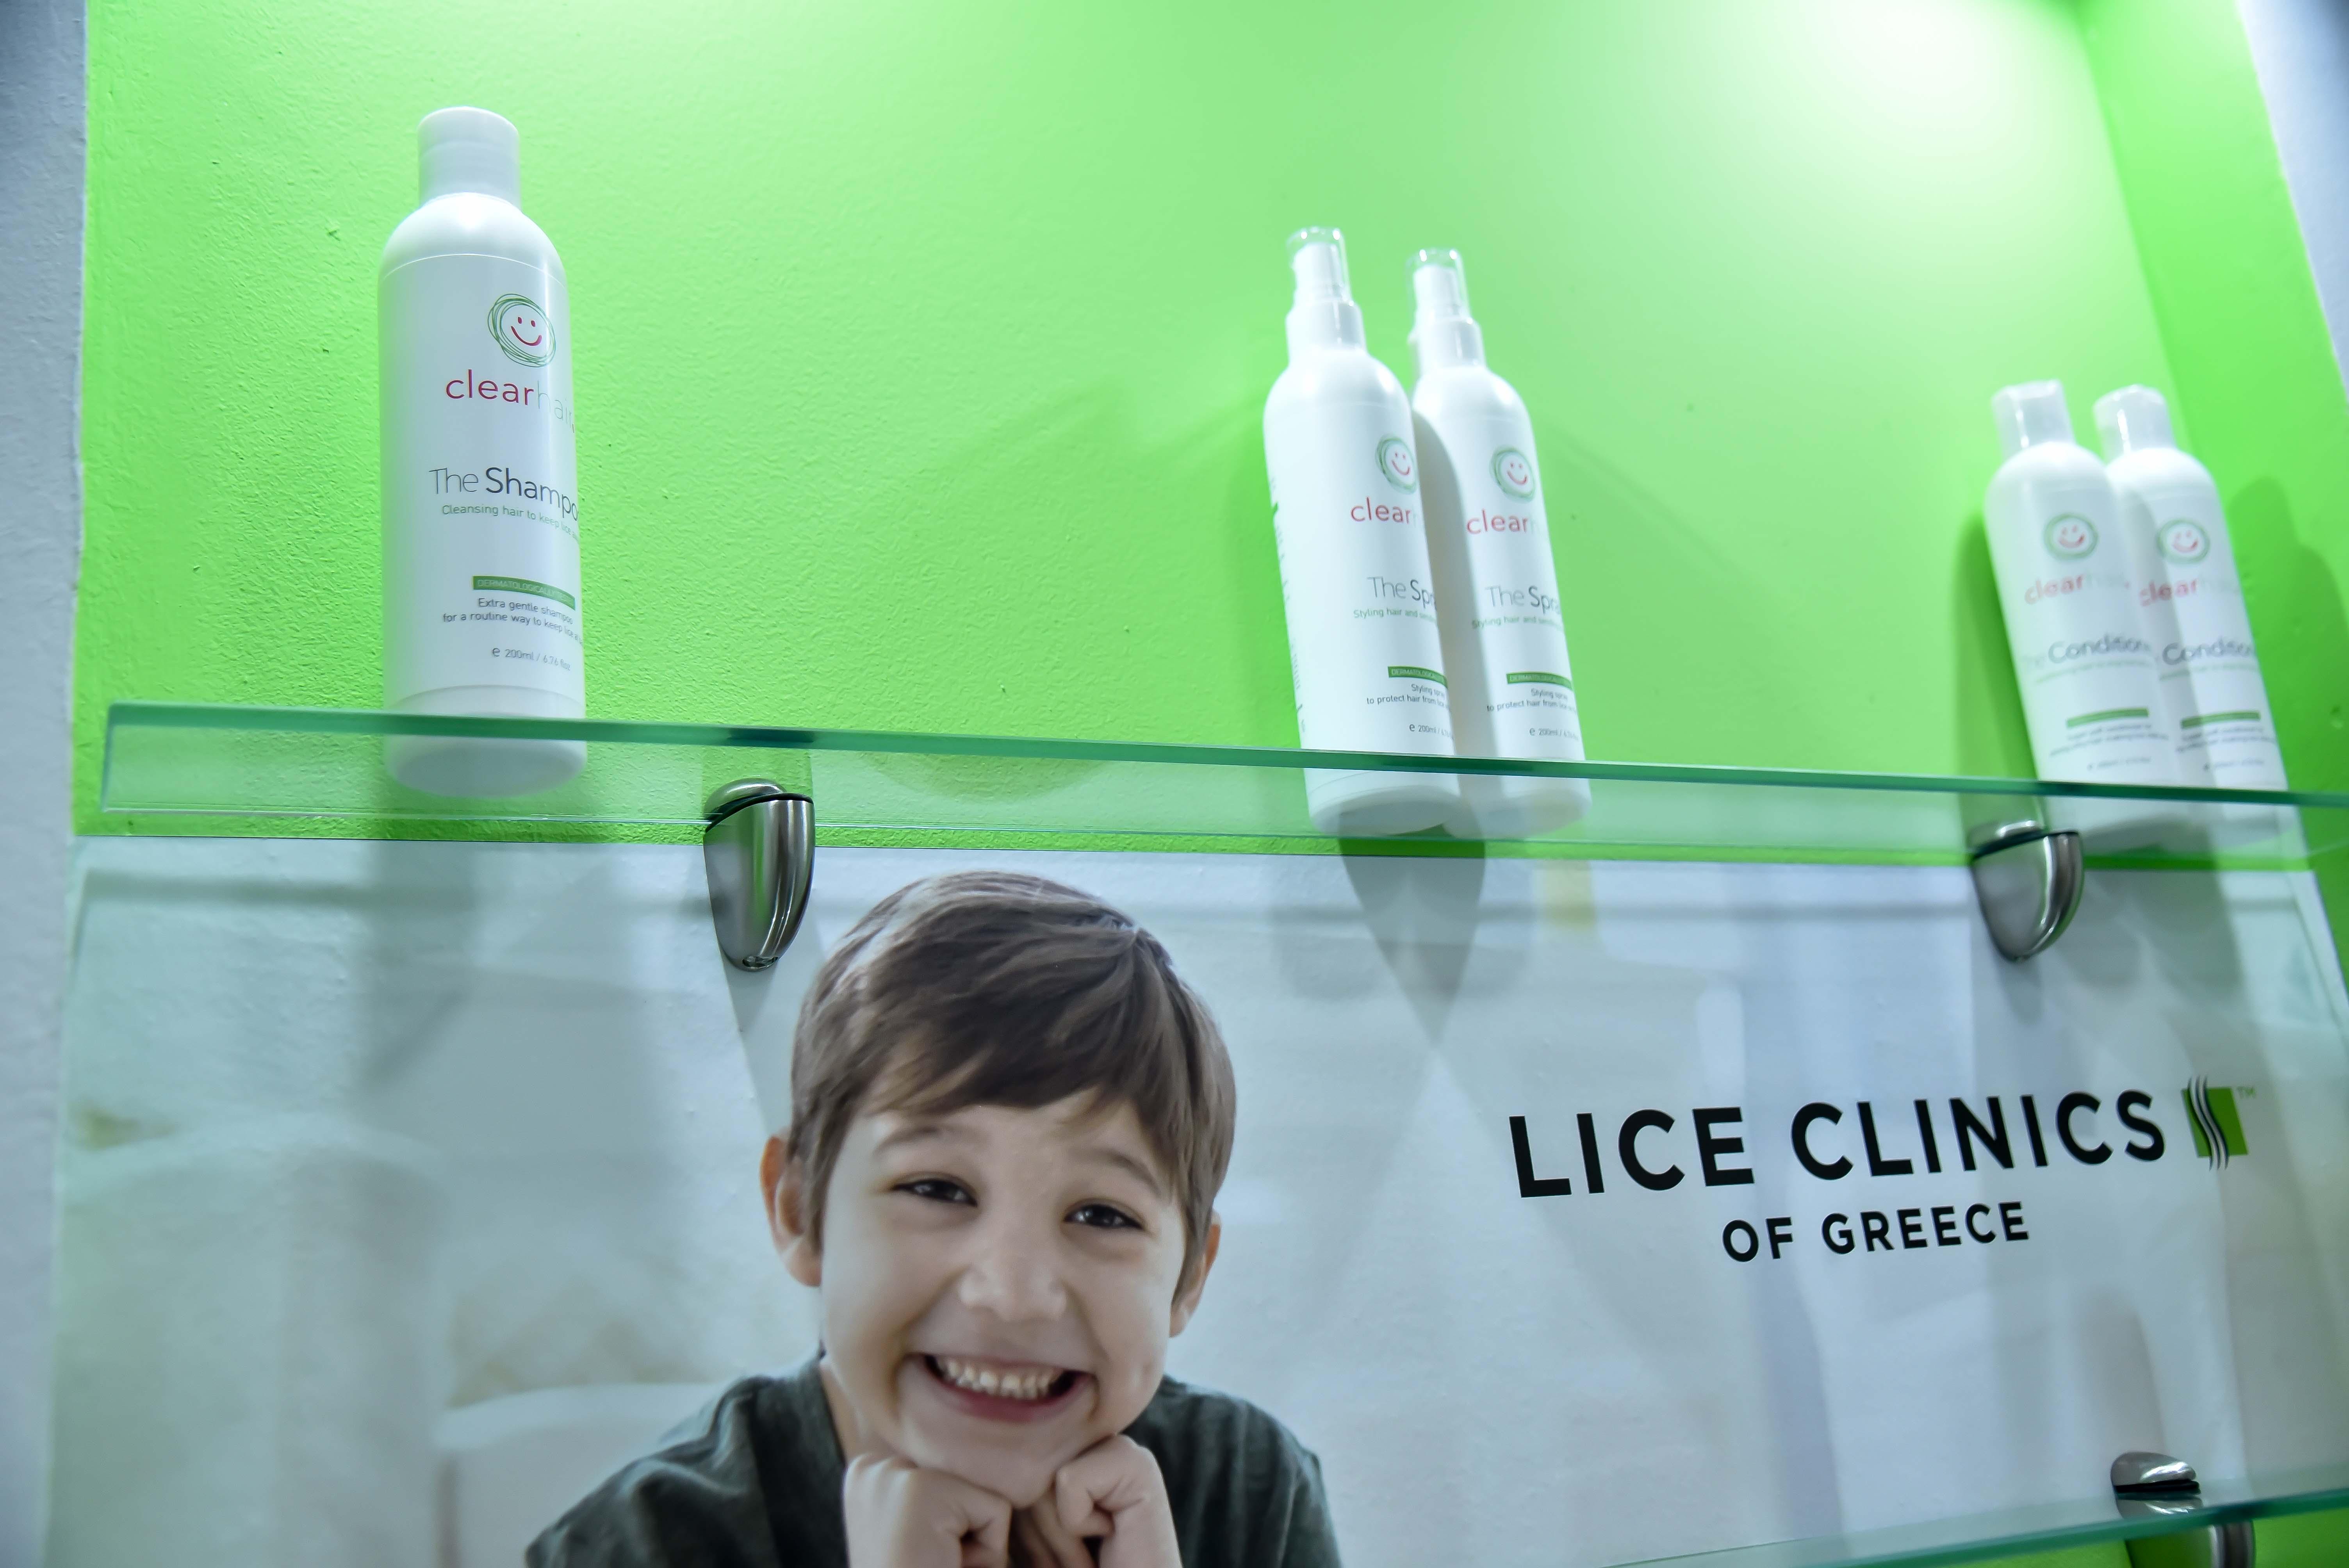 LAZ 1143 - Lice Clinics: Όλες οι Λαρισαίες μαμάδες θα το λατρέψουν!